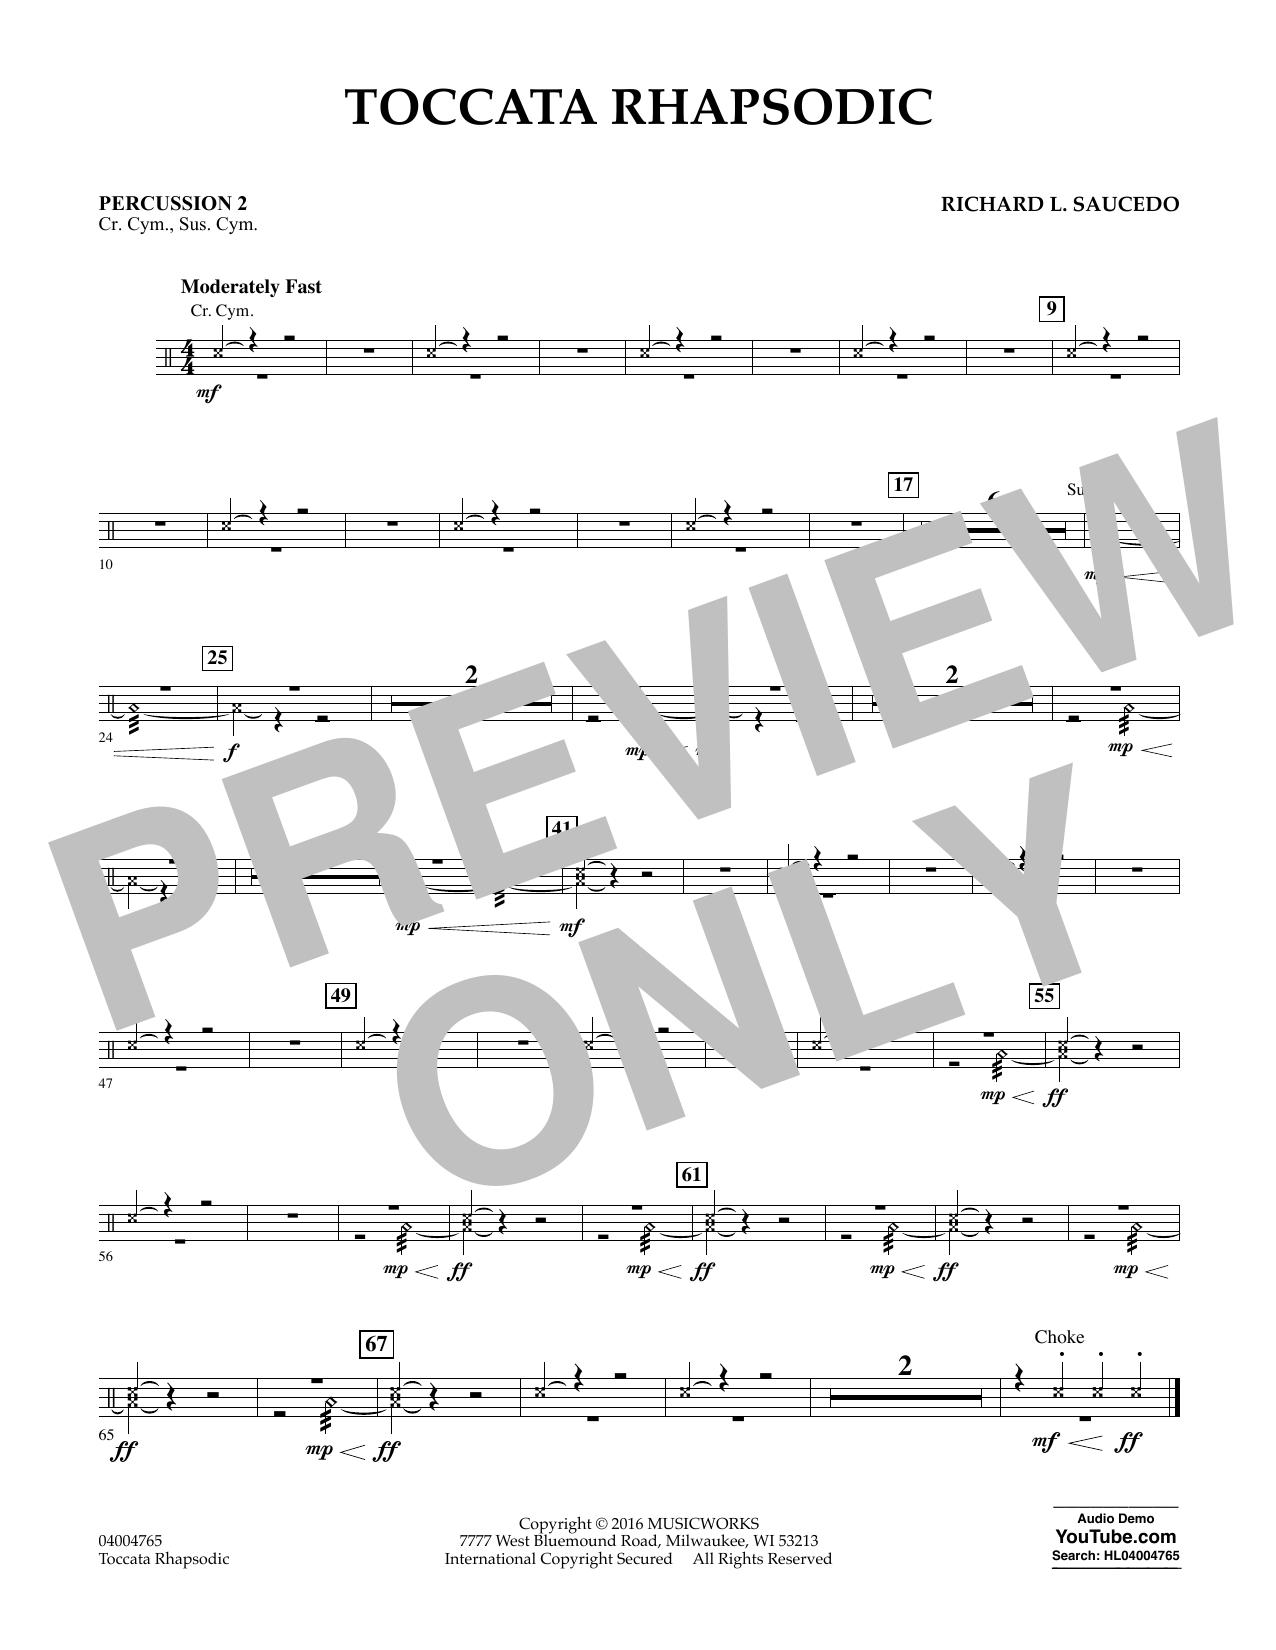 Toccata Rhapsodic - Percussion 2